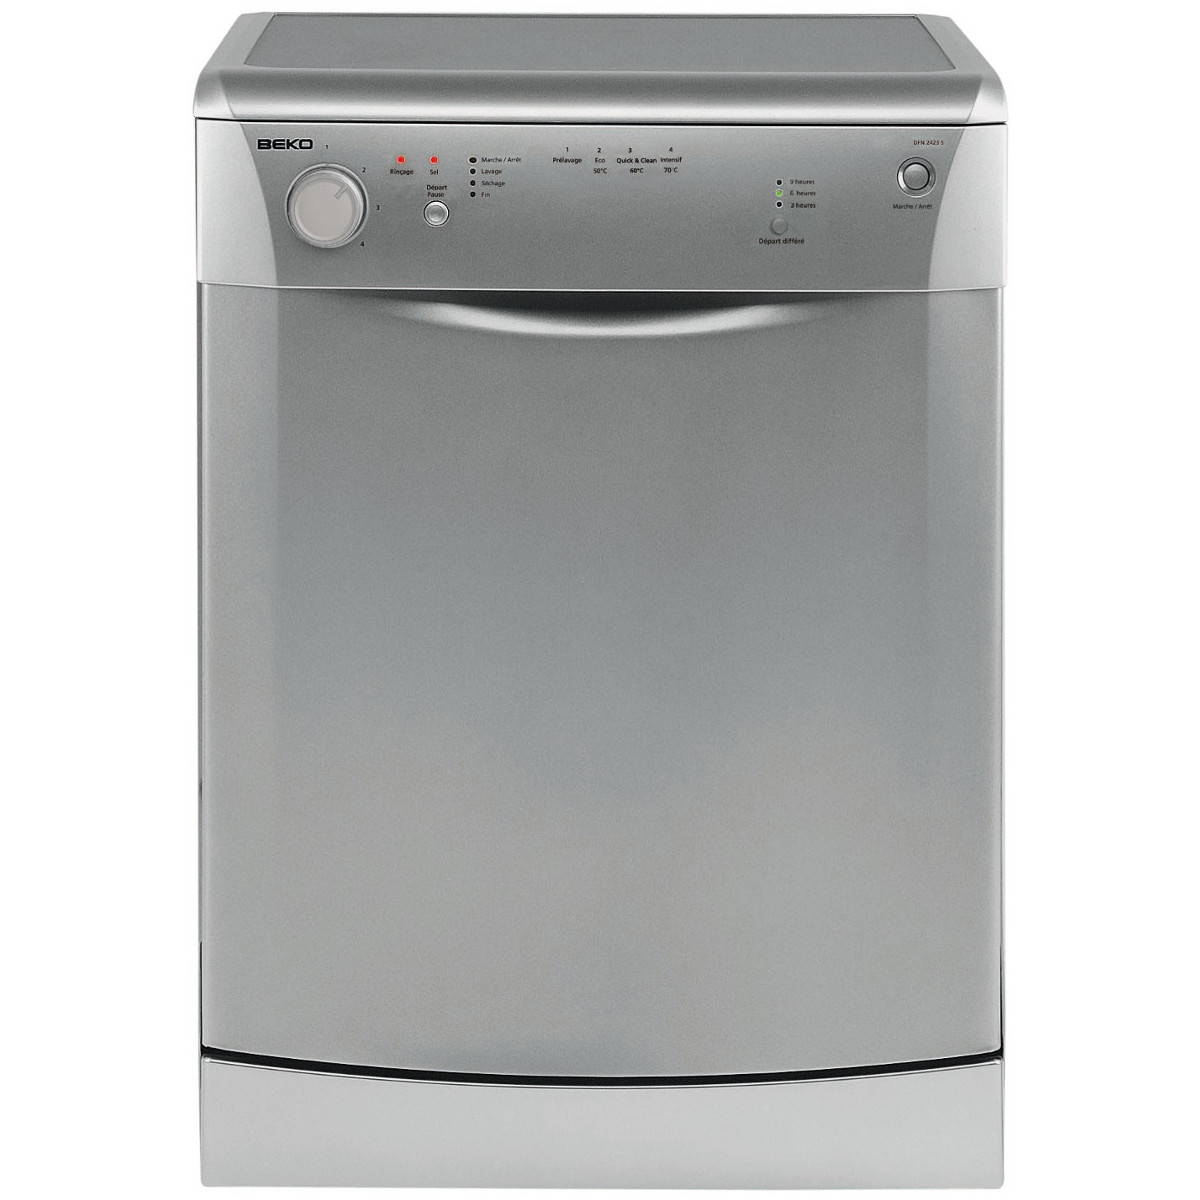 BEKO DFN2423S, lave vaisselle 12 couverts à 299€